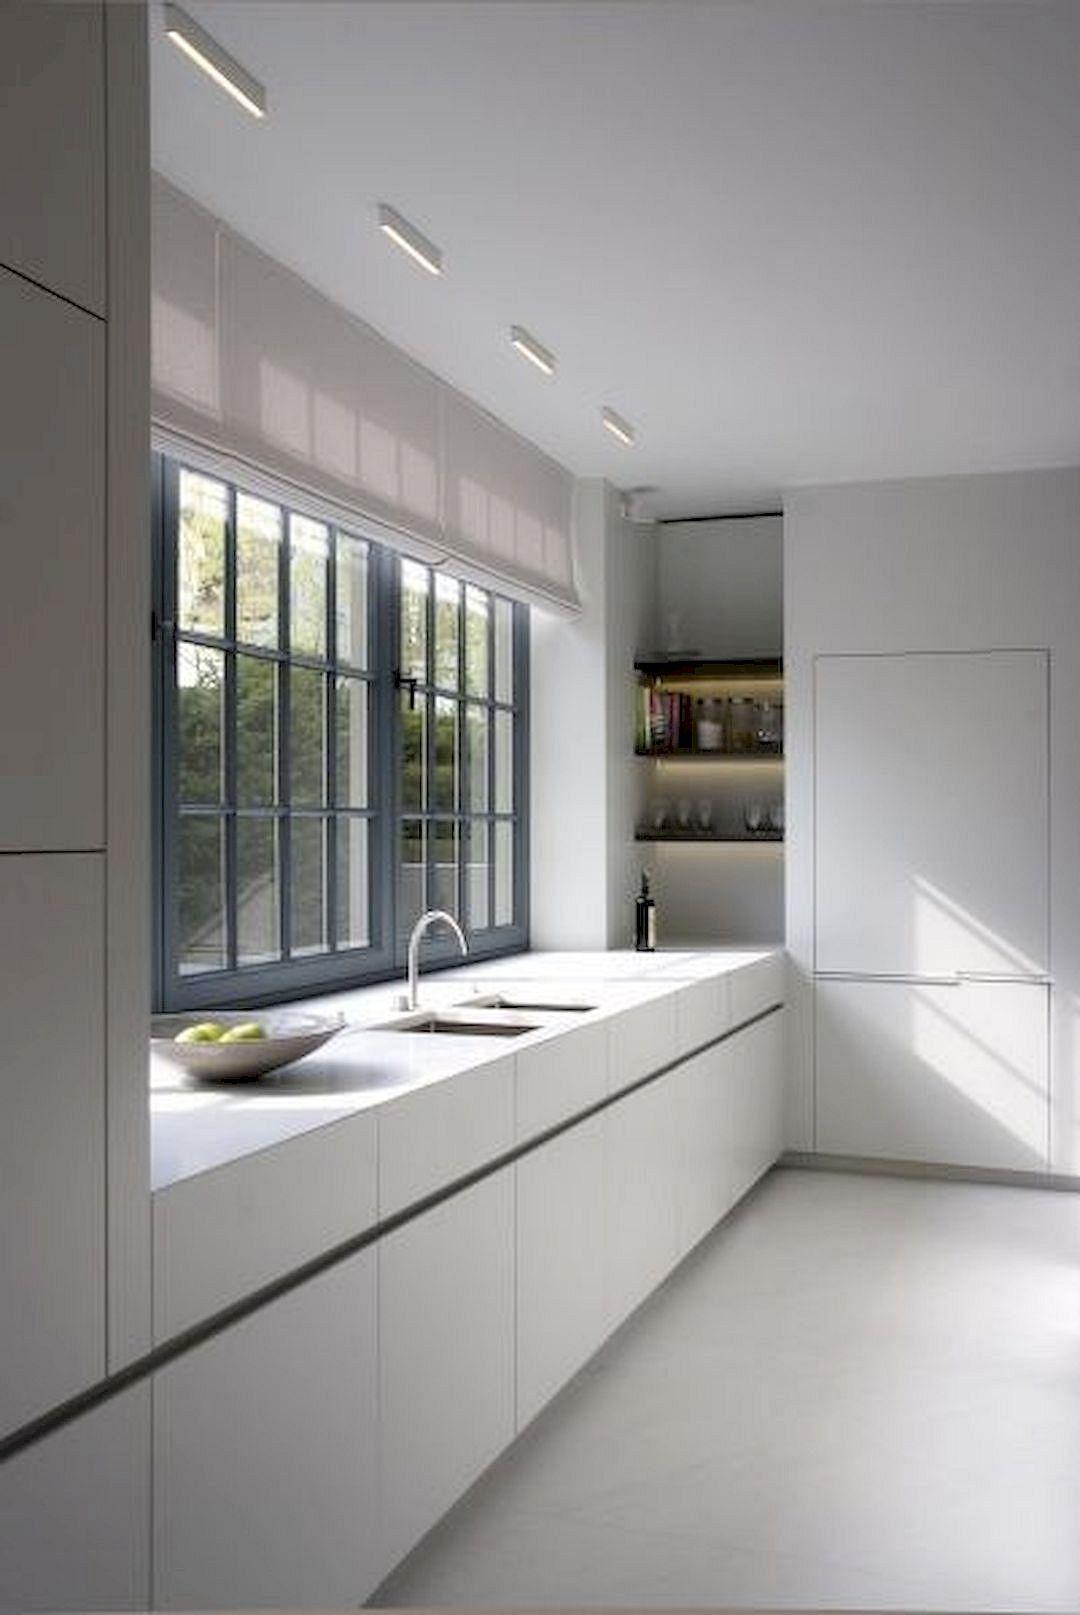 12 Nice Ideas for Your Modern Kitchen Design   Schrank raum, Küche ...